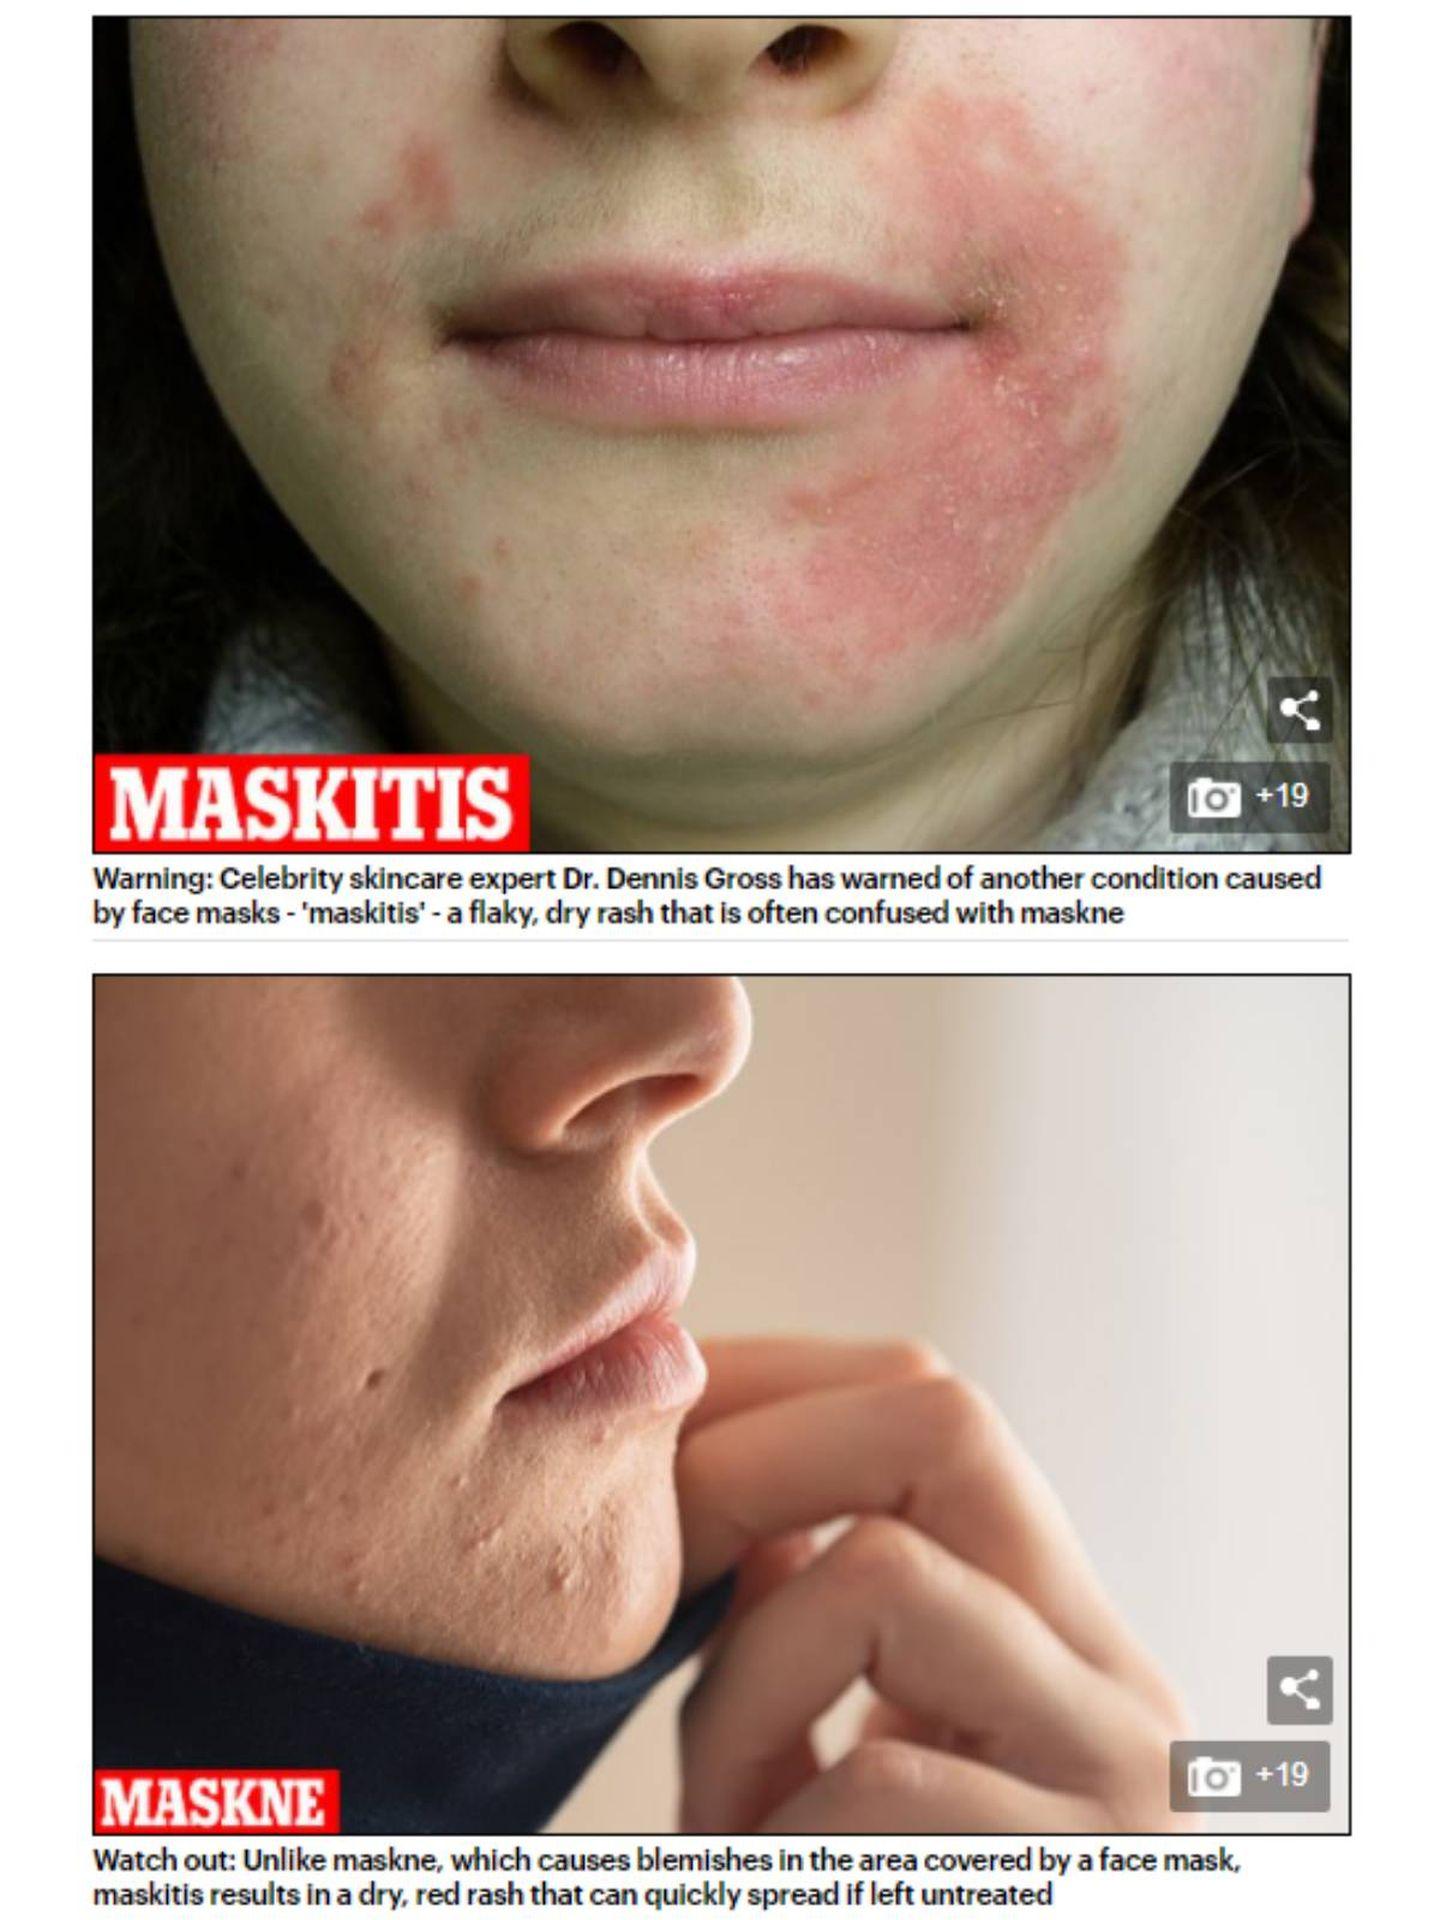 Imagen de un caso de maskitis frente uno de maské en el artículo del Daily Mail 'Are YOU suffering from 'maskitis'?